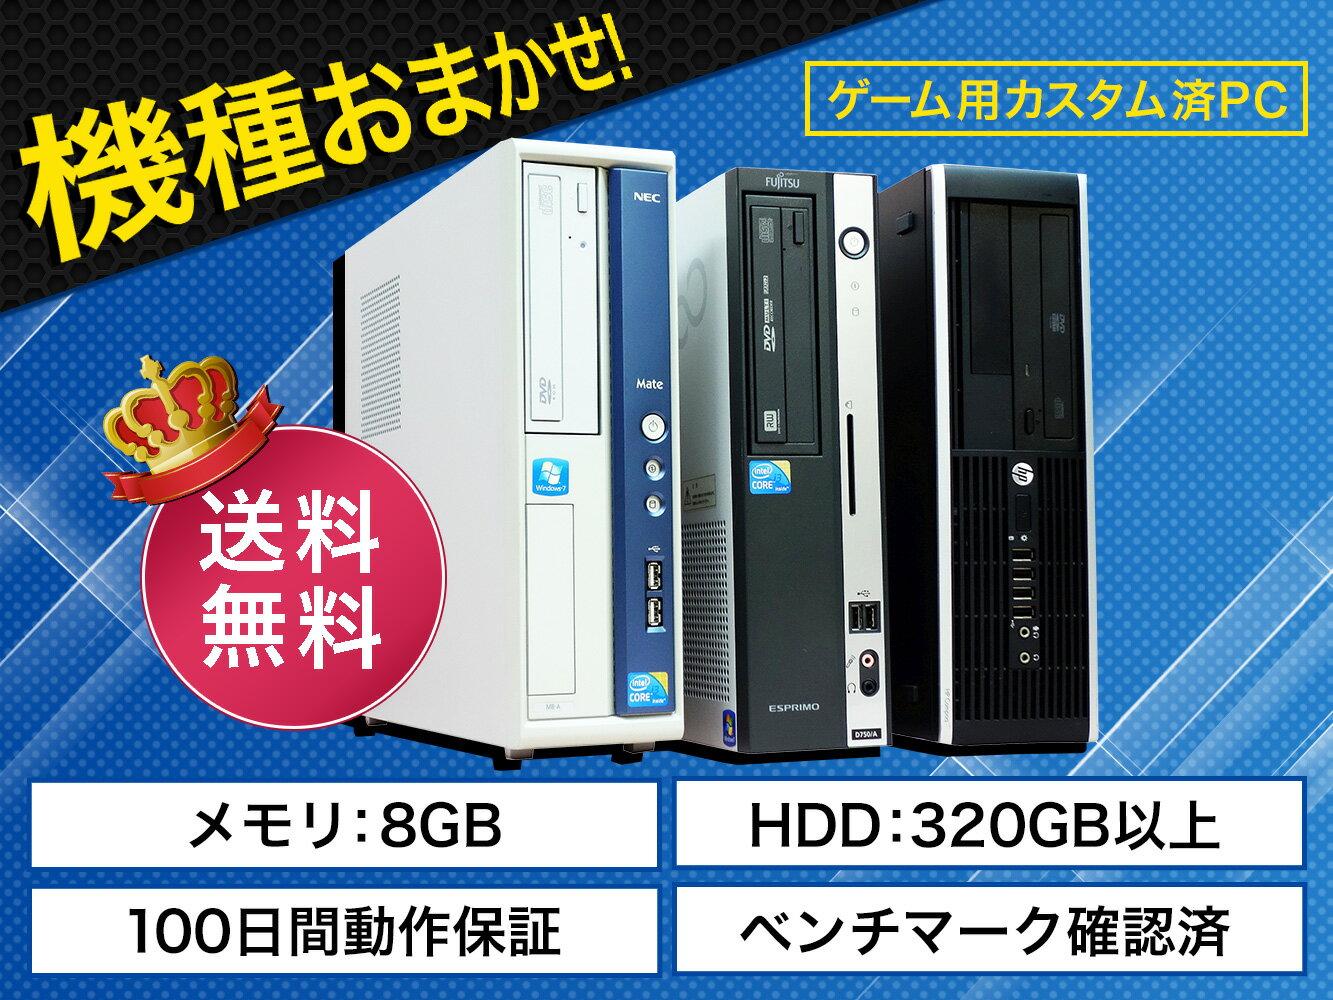 機種おまかせ ゲーミングPC Core i3 以上 GeForce GT 730 メモリ 8GB HDD 320GB Windows10 64bit【中古】【送料無料】【納期4日ほど】【100日保証】デスクトップ 中古パソコン 最新OS Intel NVIDIA